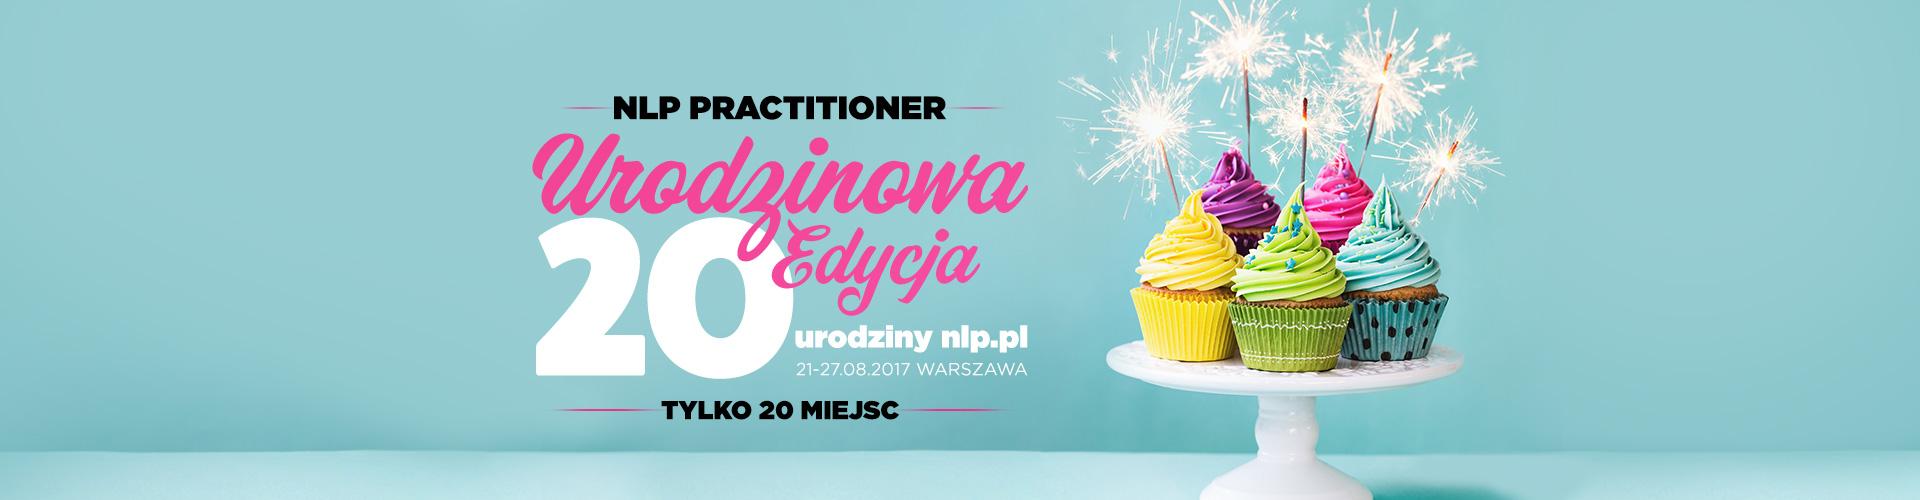 1980_500_urodziny